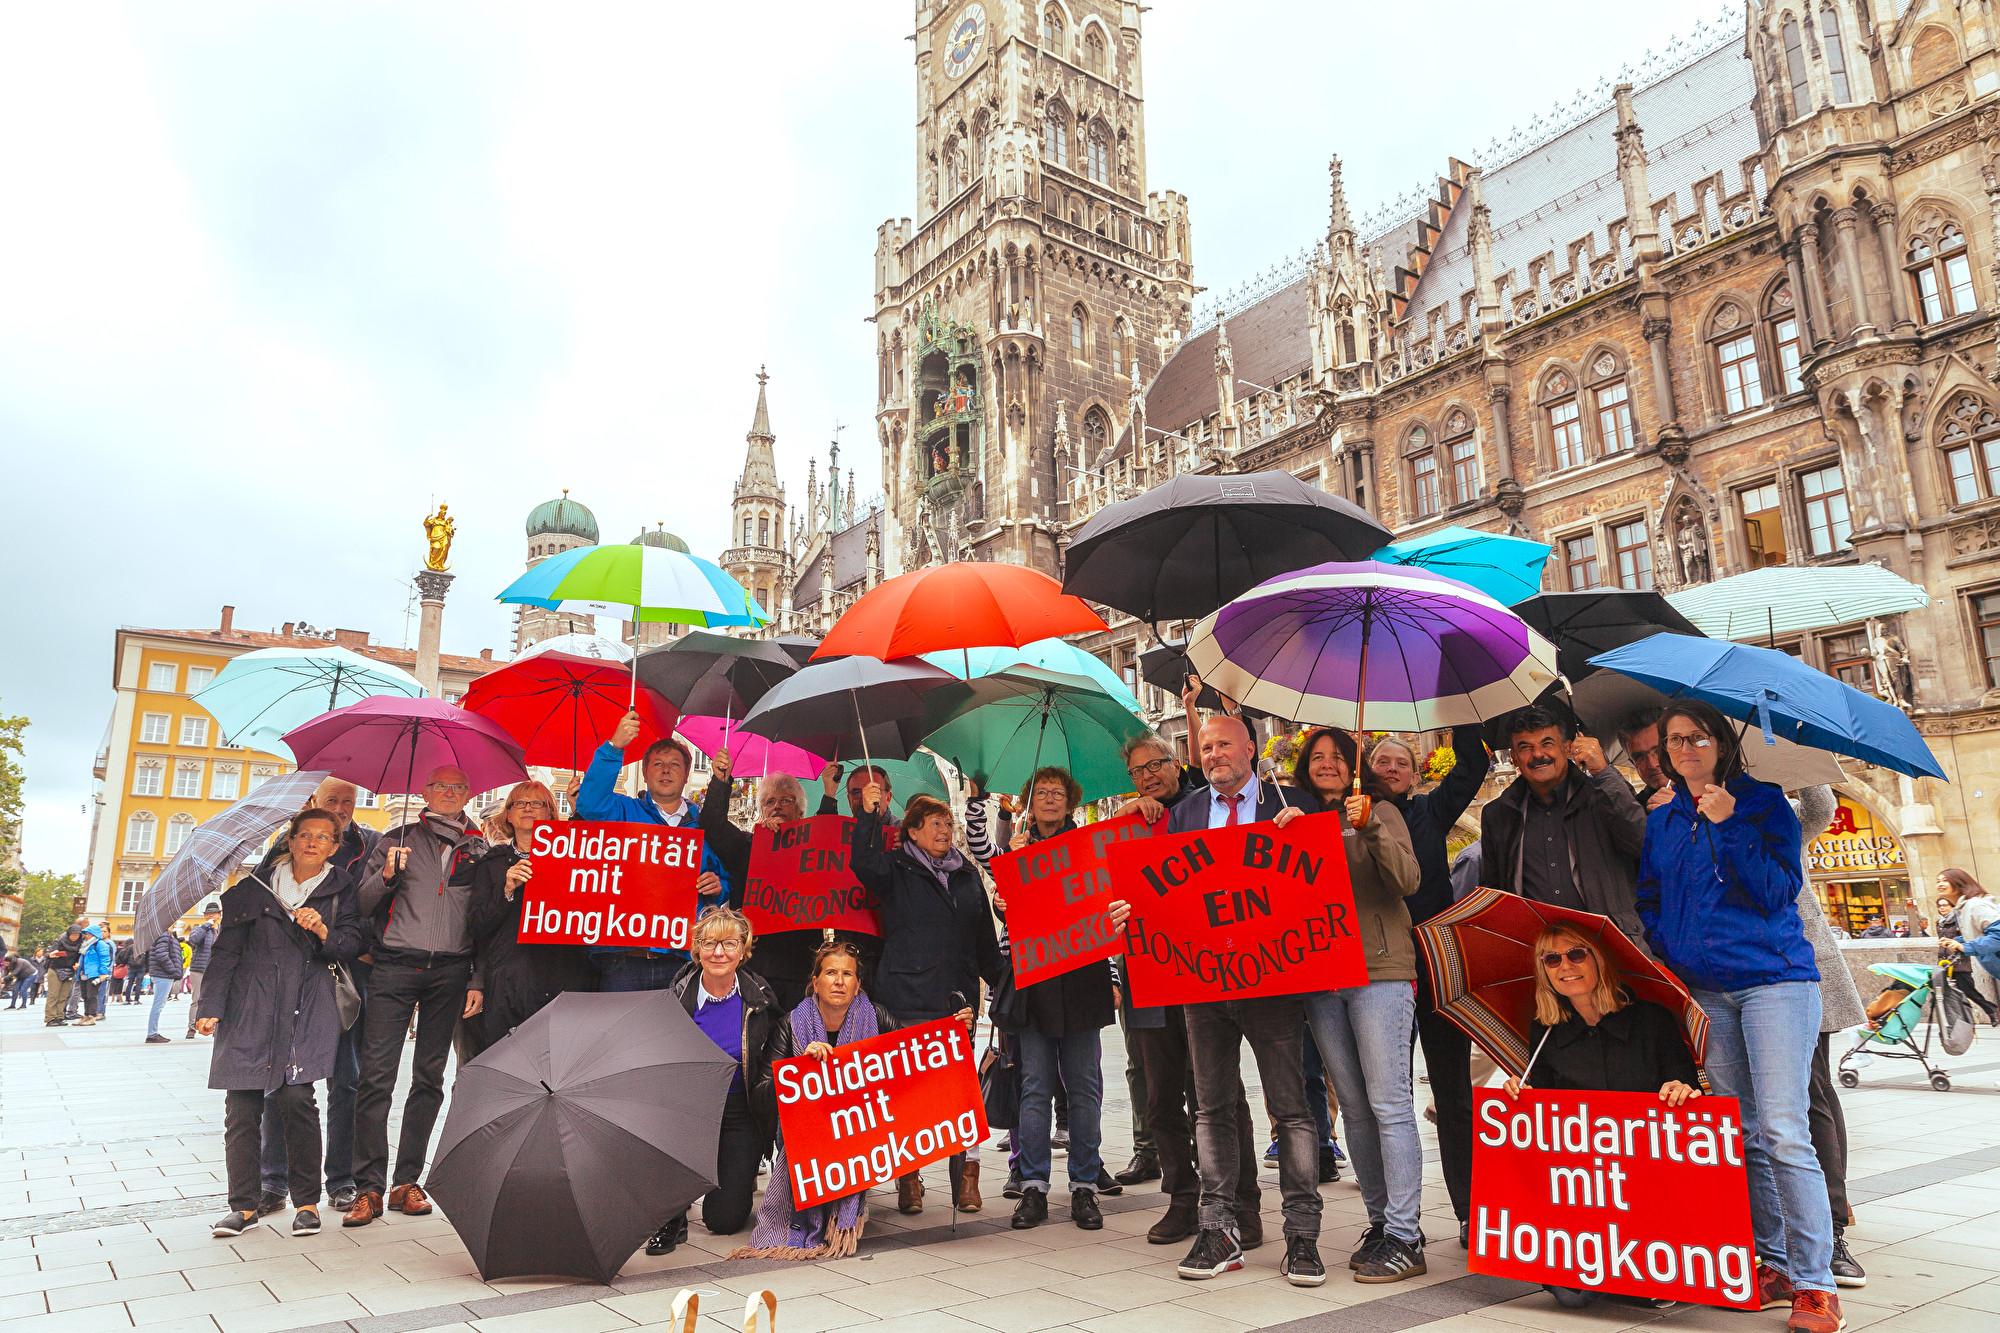 「我是香港人」 慕尼黑社民黨市議員撐香港